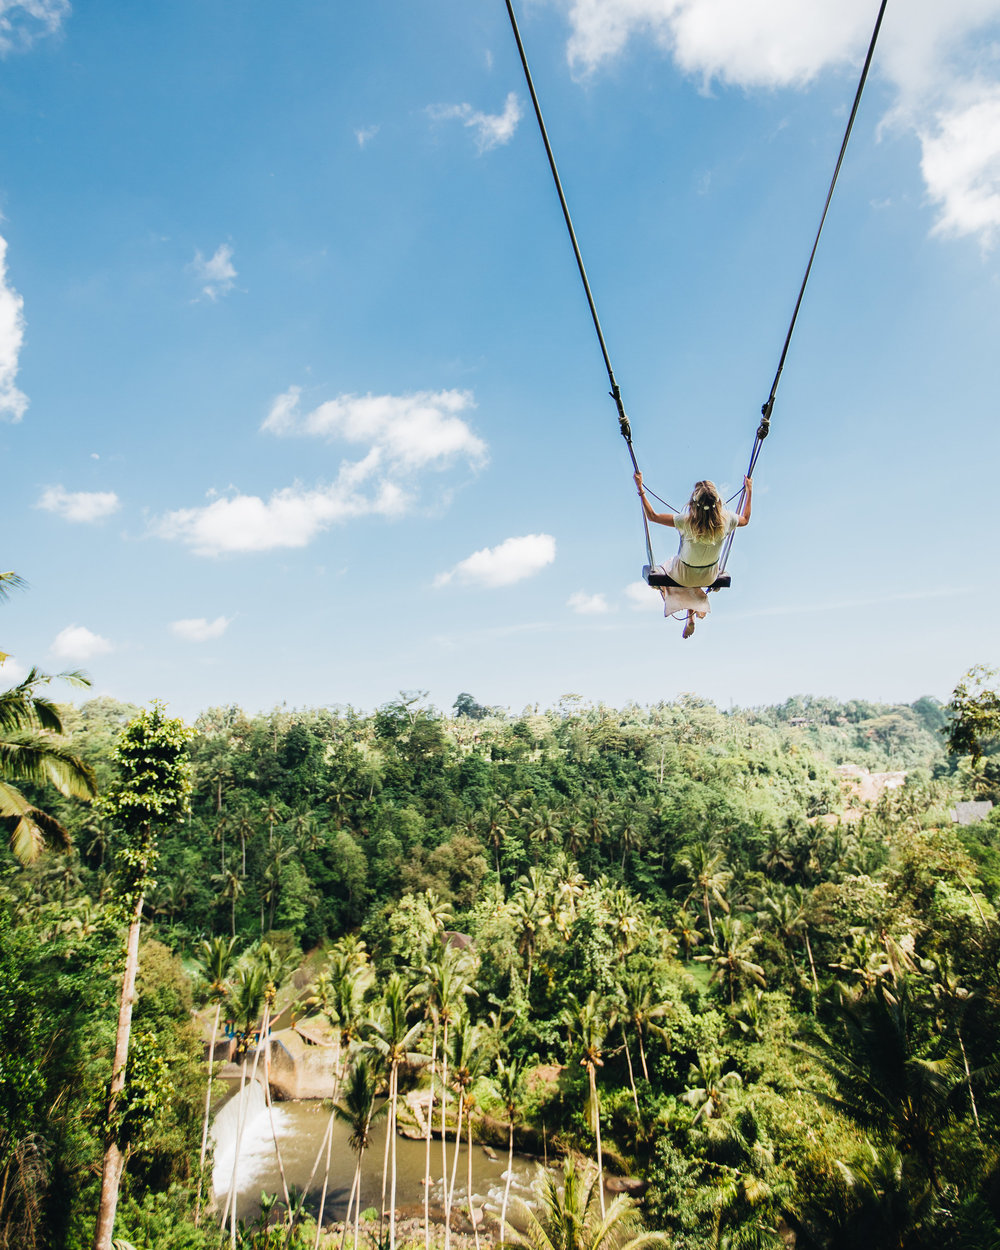 Bali Swing